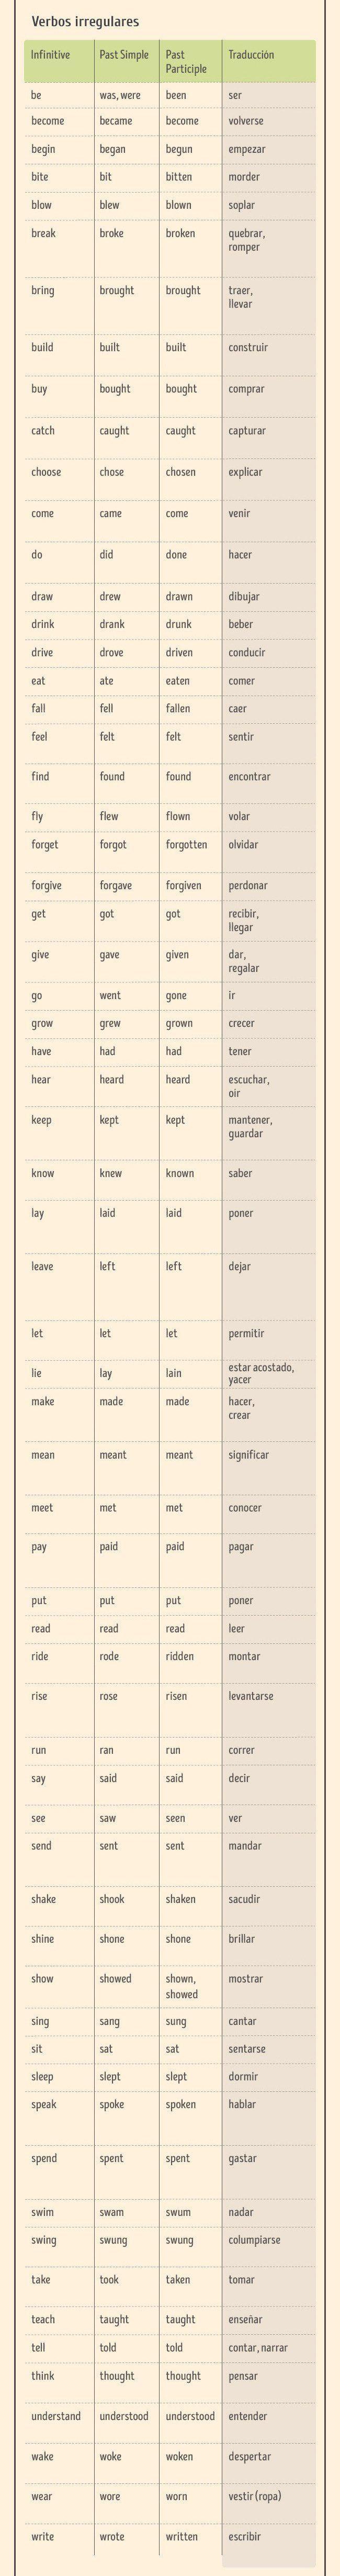 Aprende todo acerca del inglés sin salir de este post